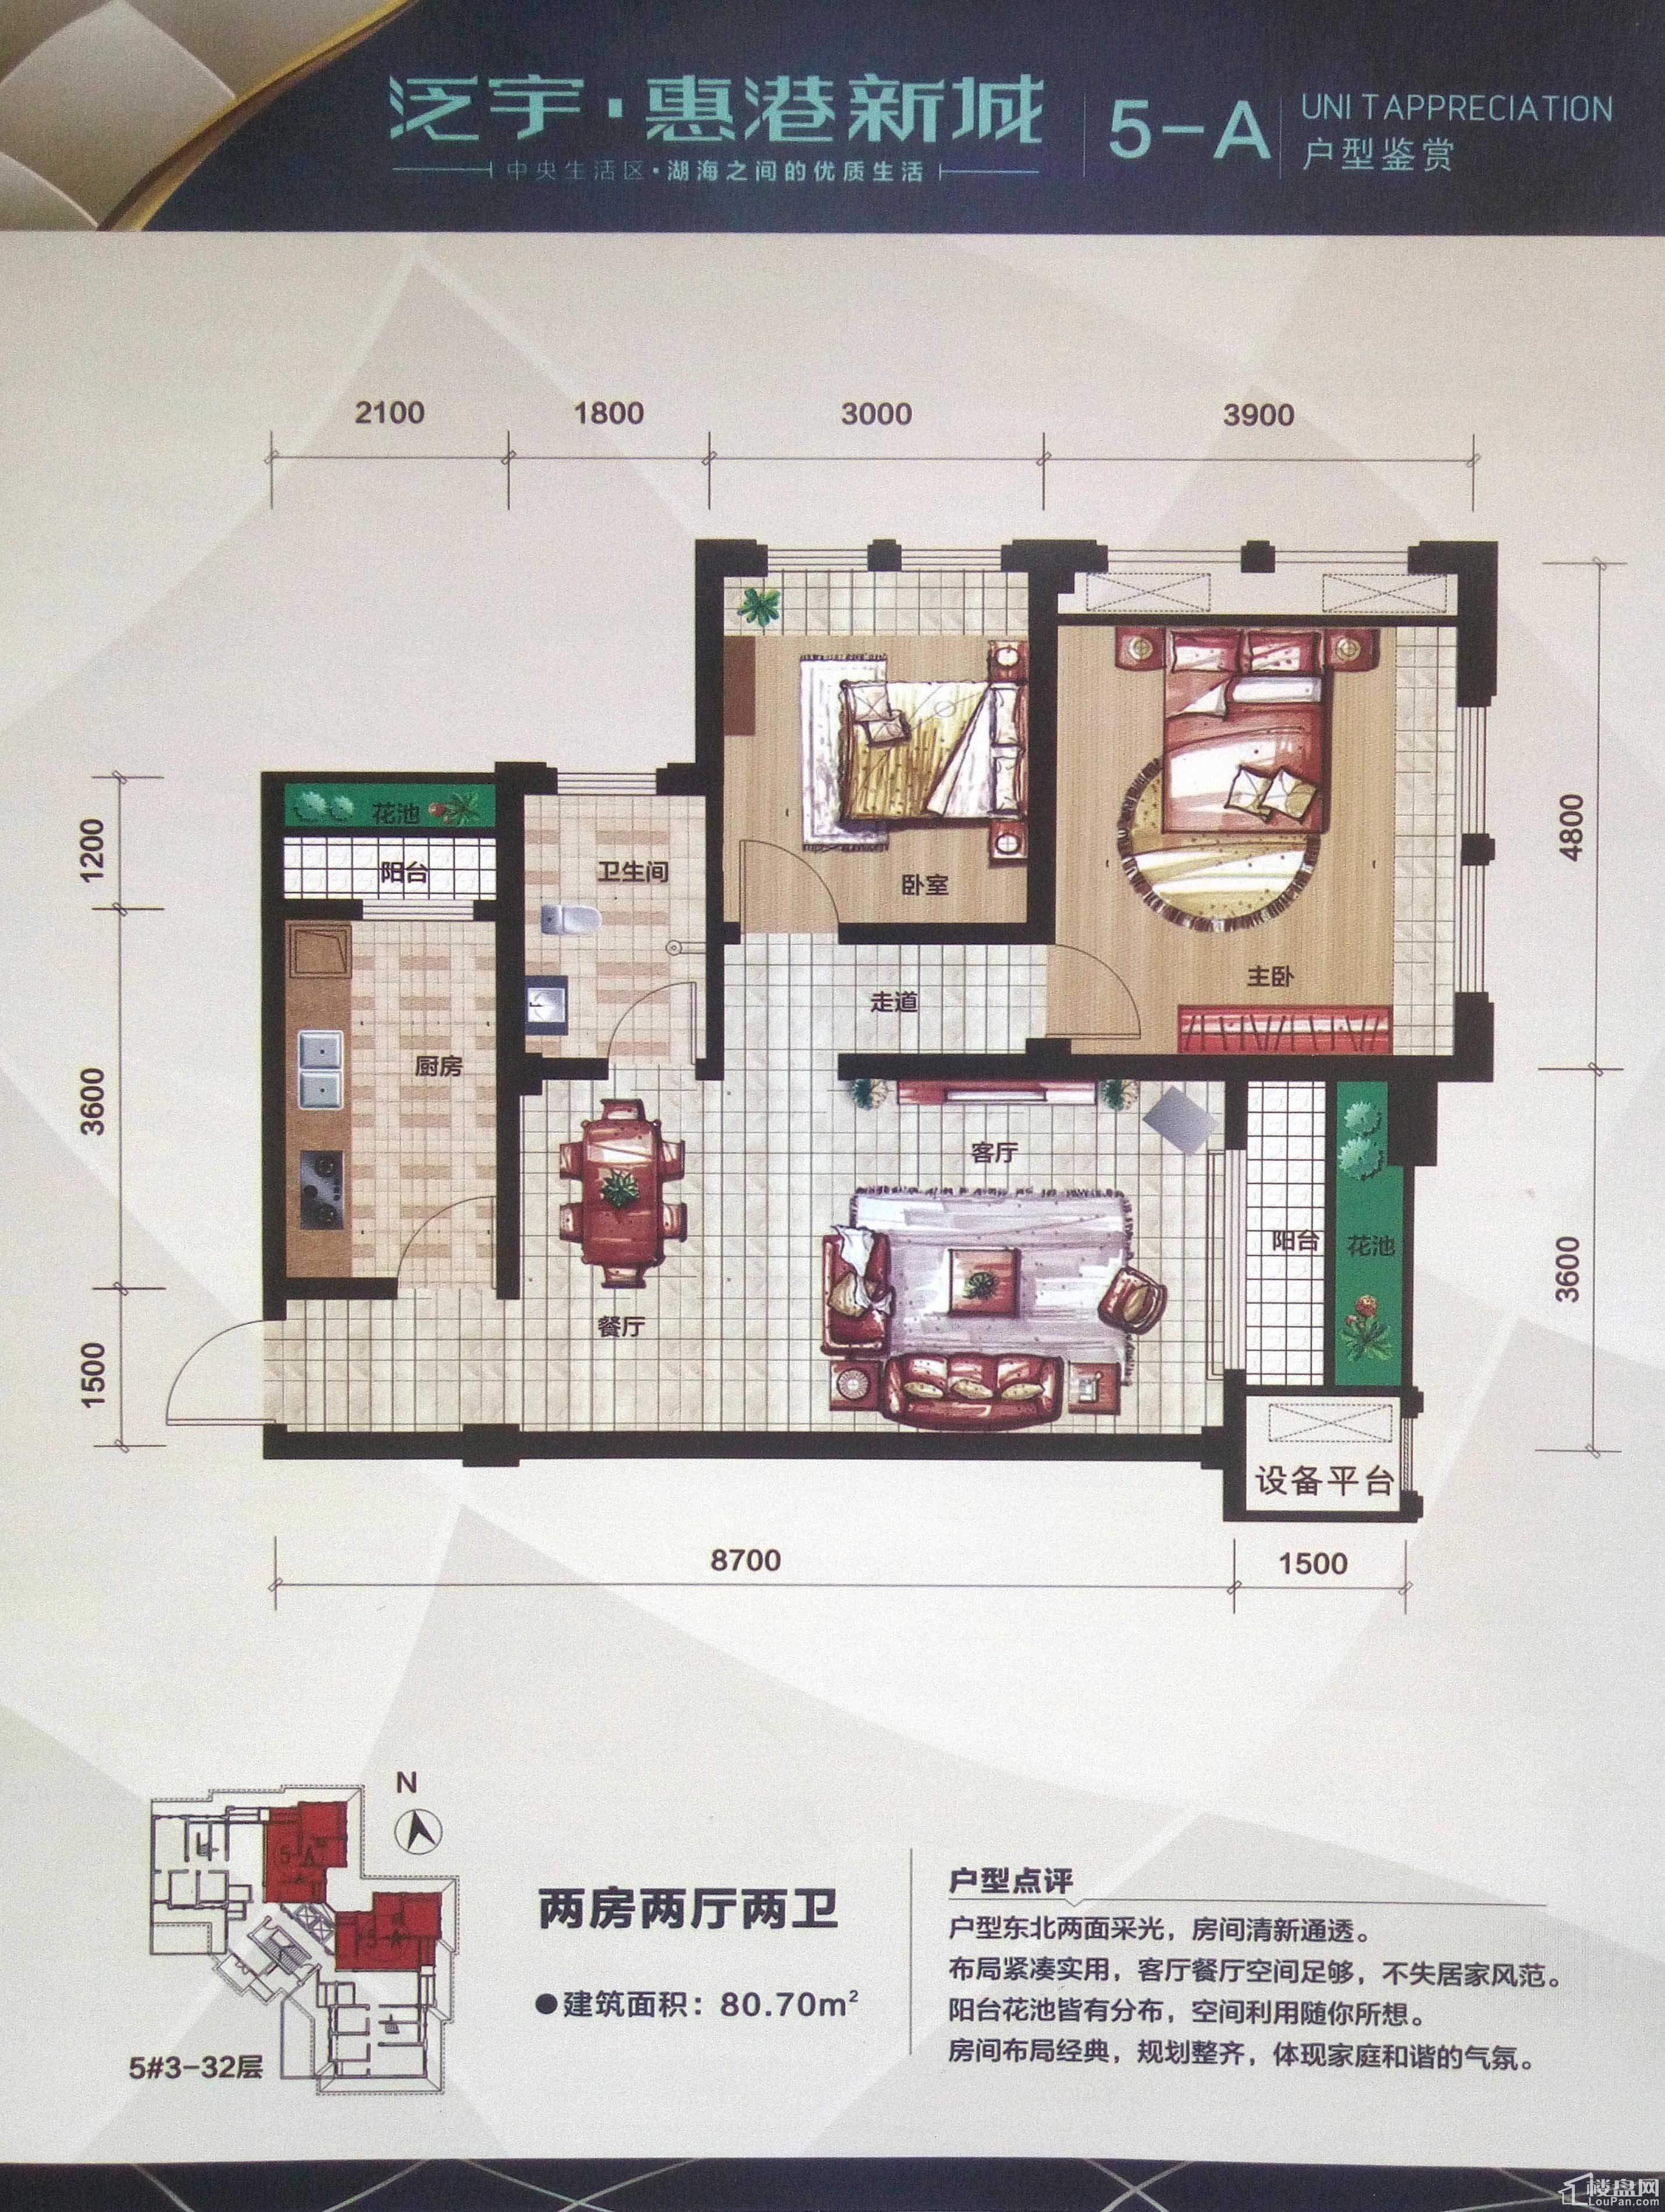 泛宇·惠港新城5-A户型.